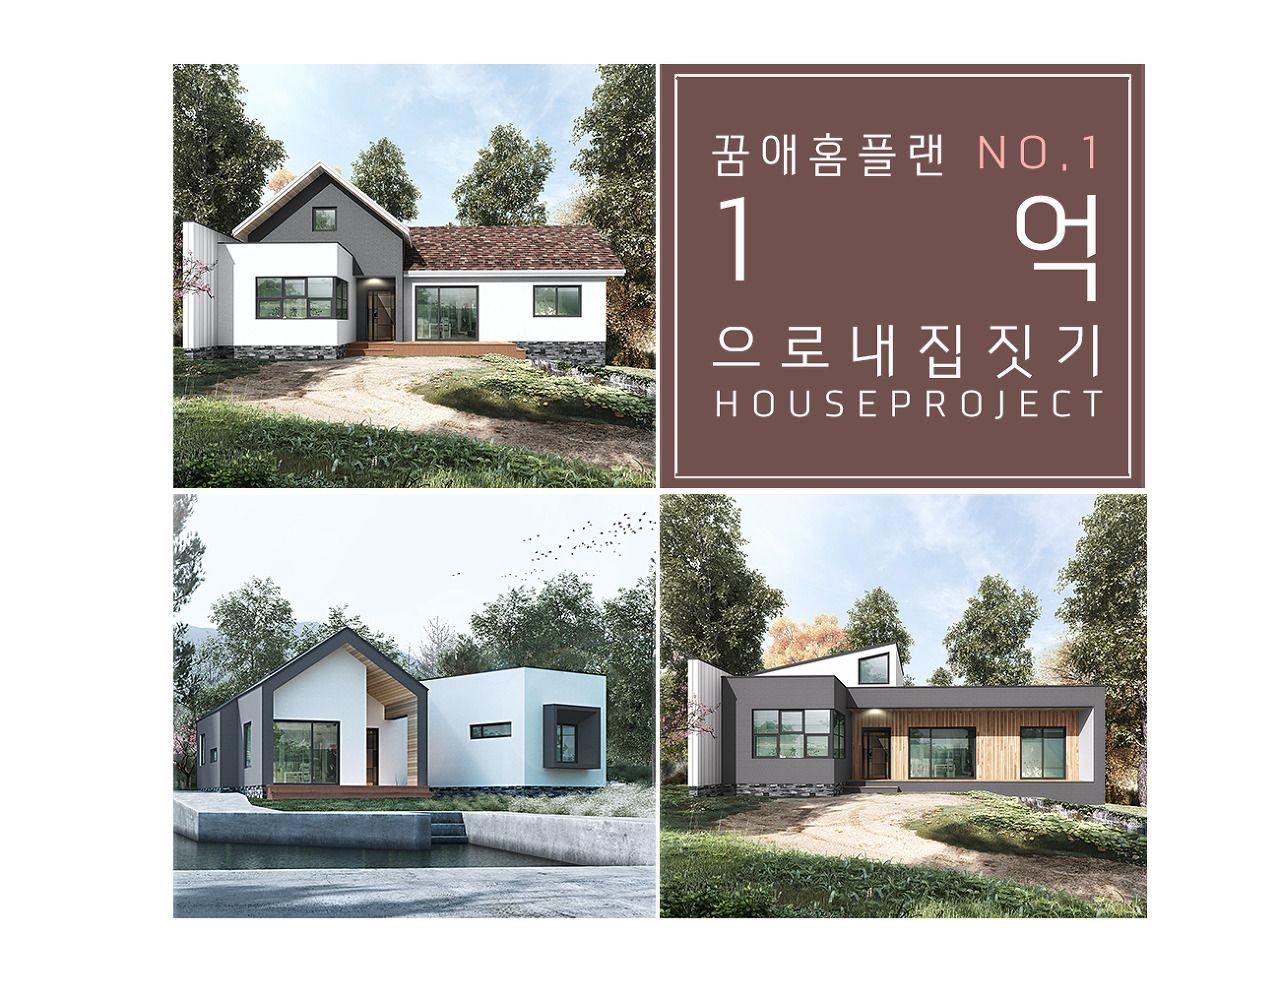 13 1억으로 집짓기 한번 실현시켜보자 집 짓기 모듈형 주택 현대 주택